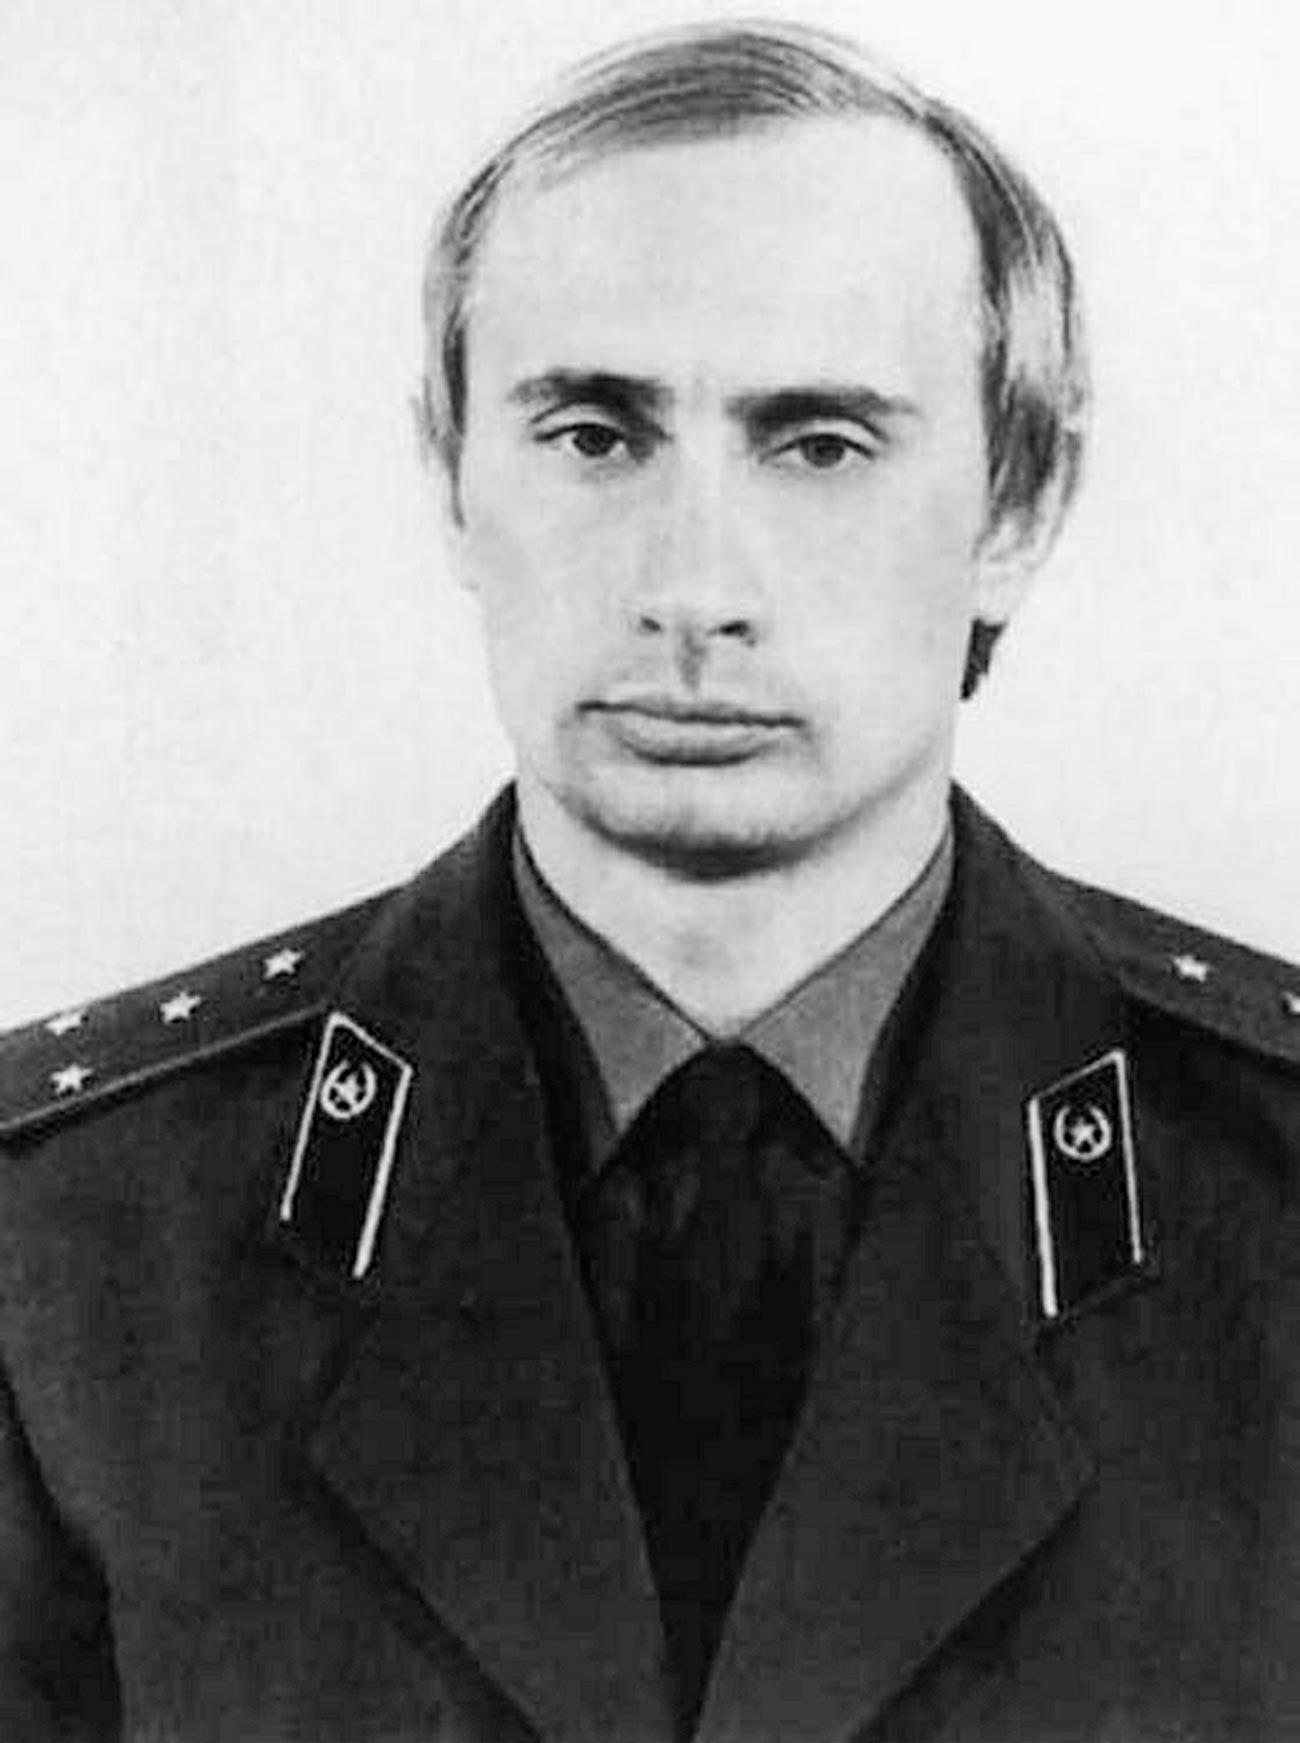 Jovem Vladimir Putin em uniforme da KGB